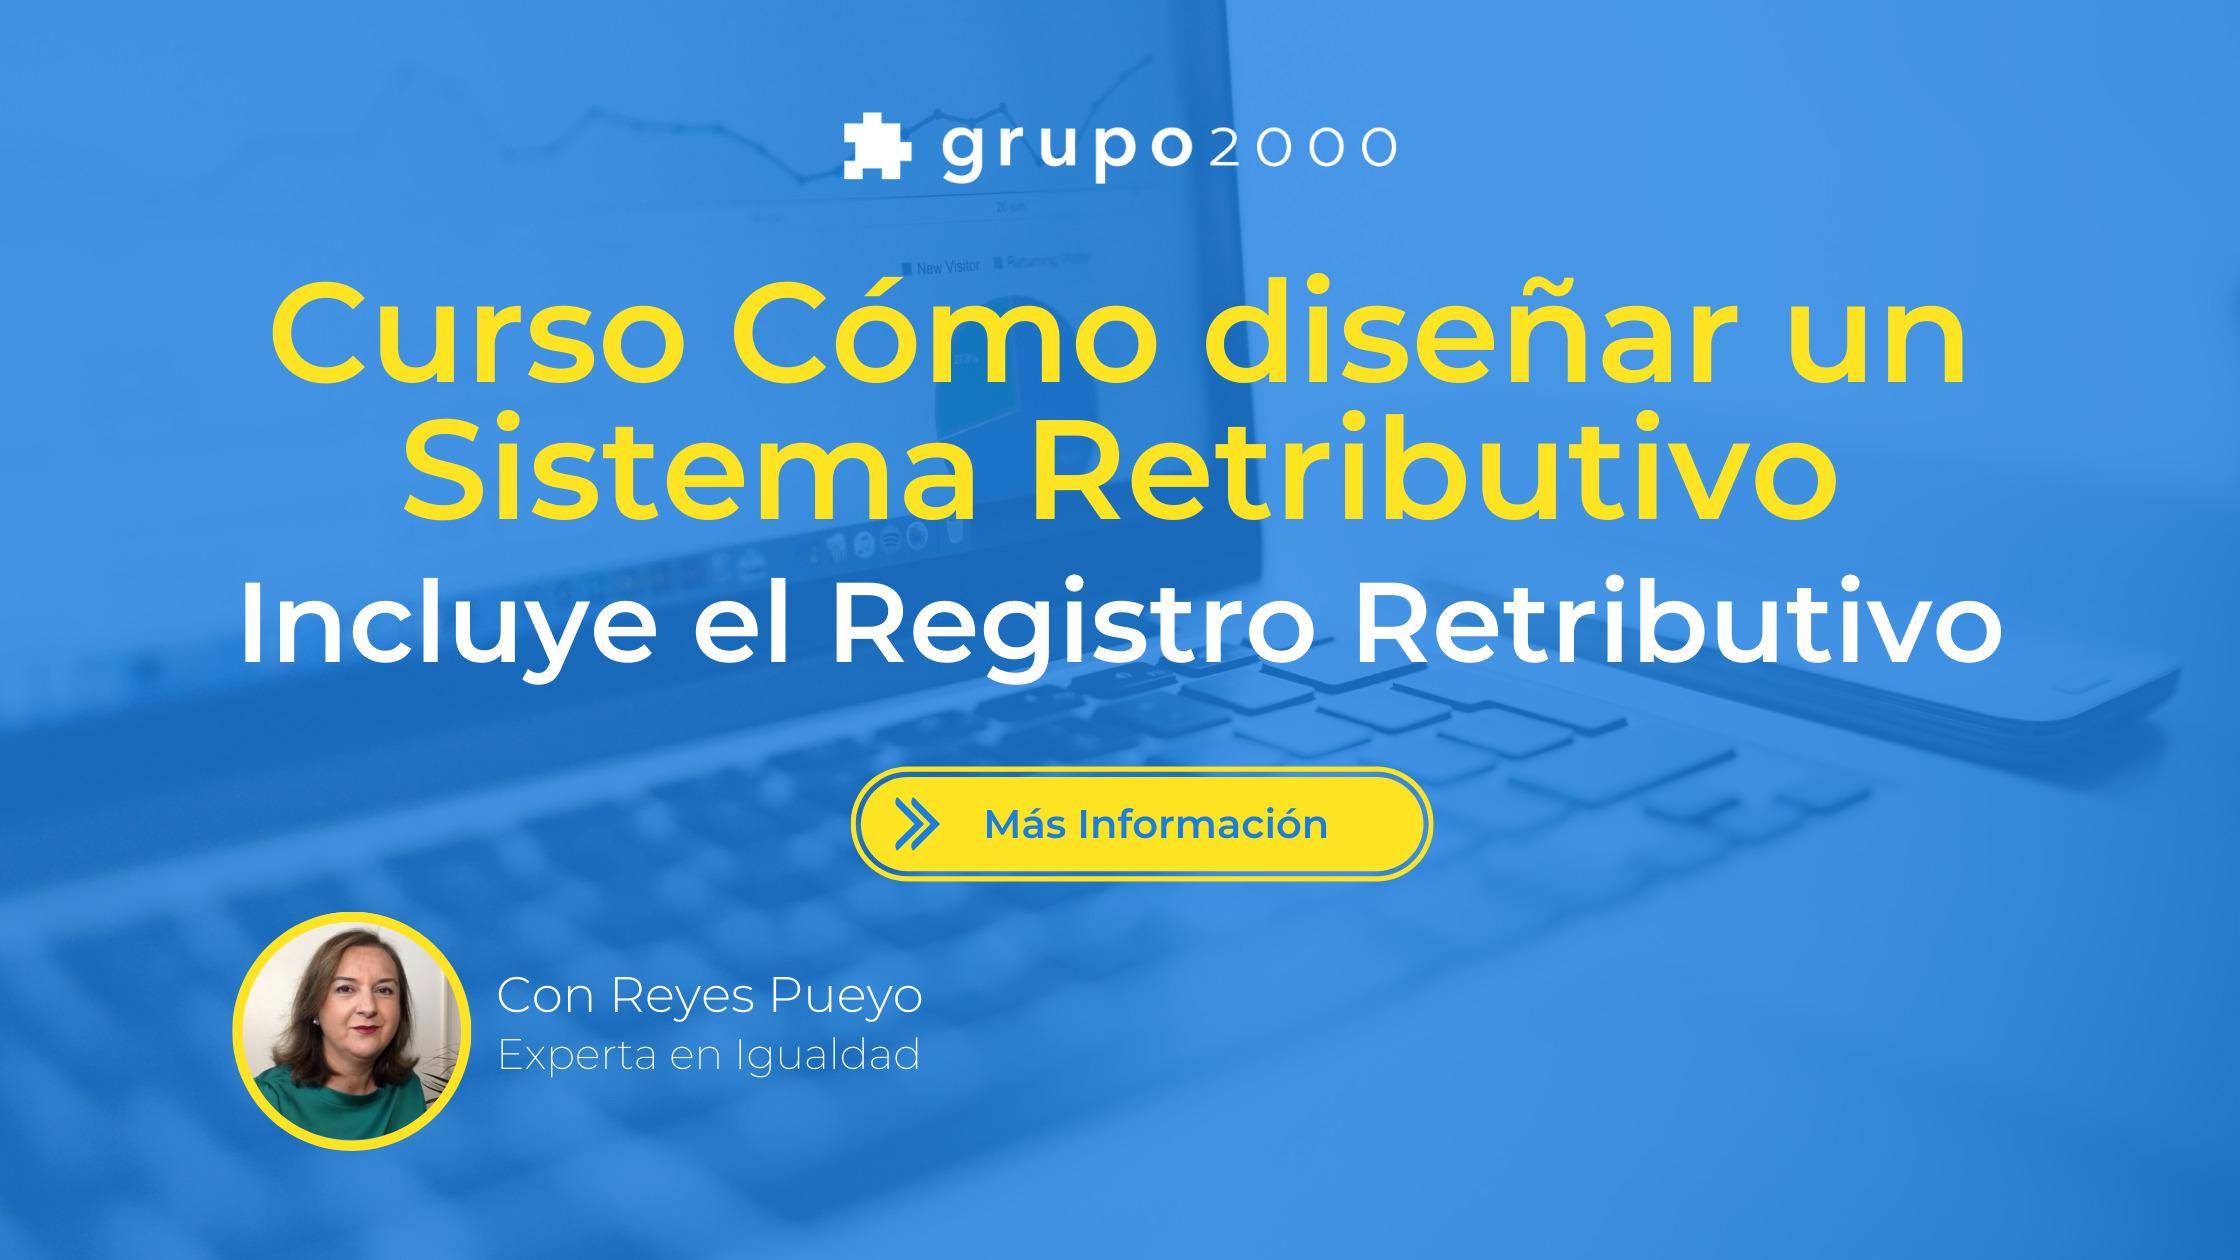 Curso cómo diseñar un registro retributivo de Grupo2000